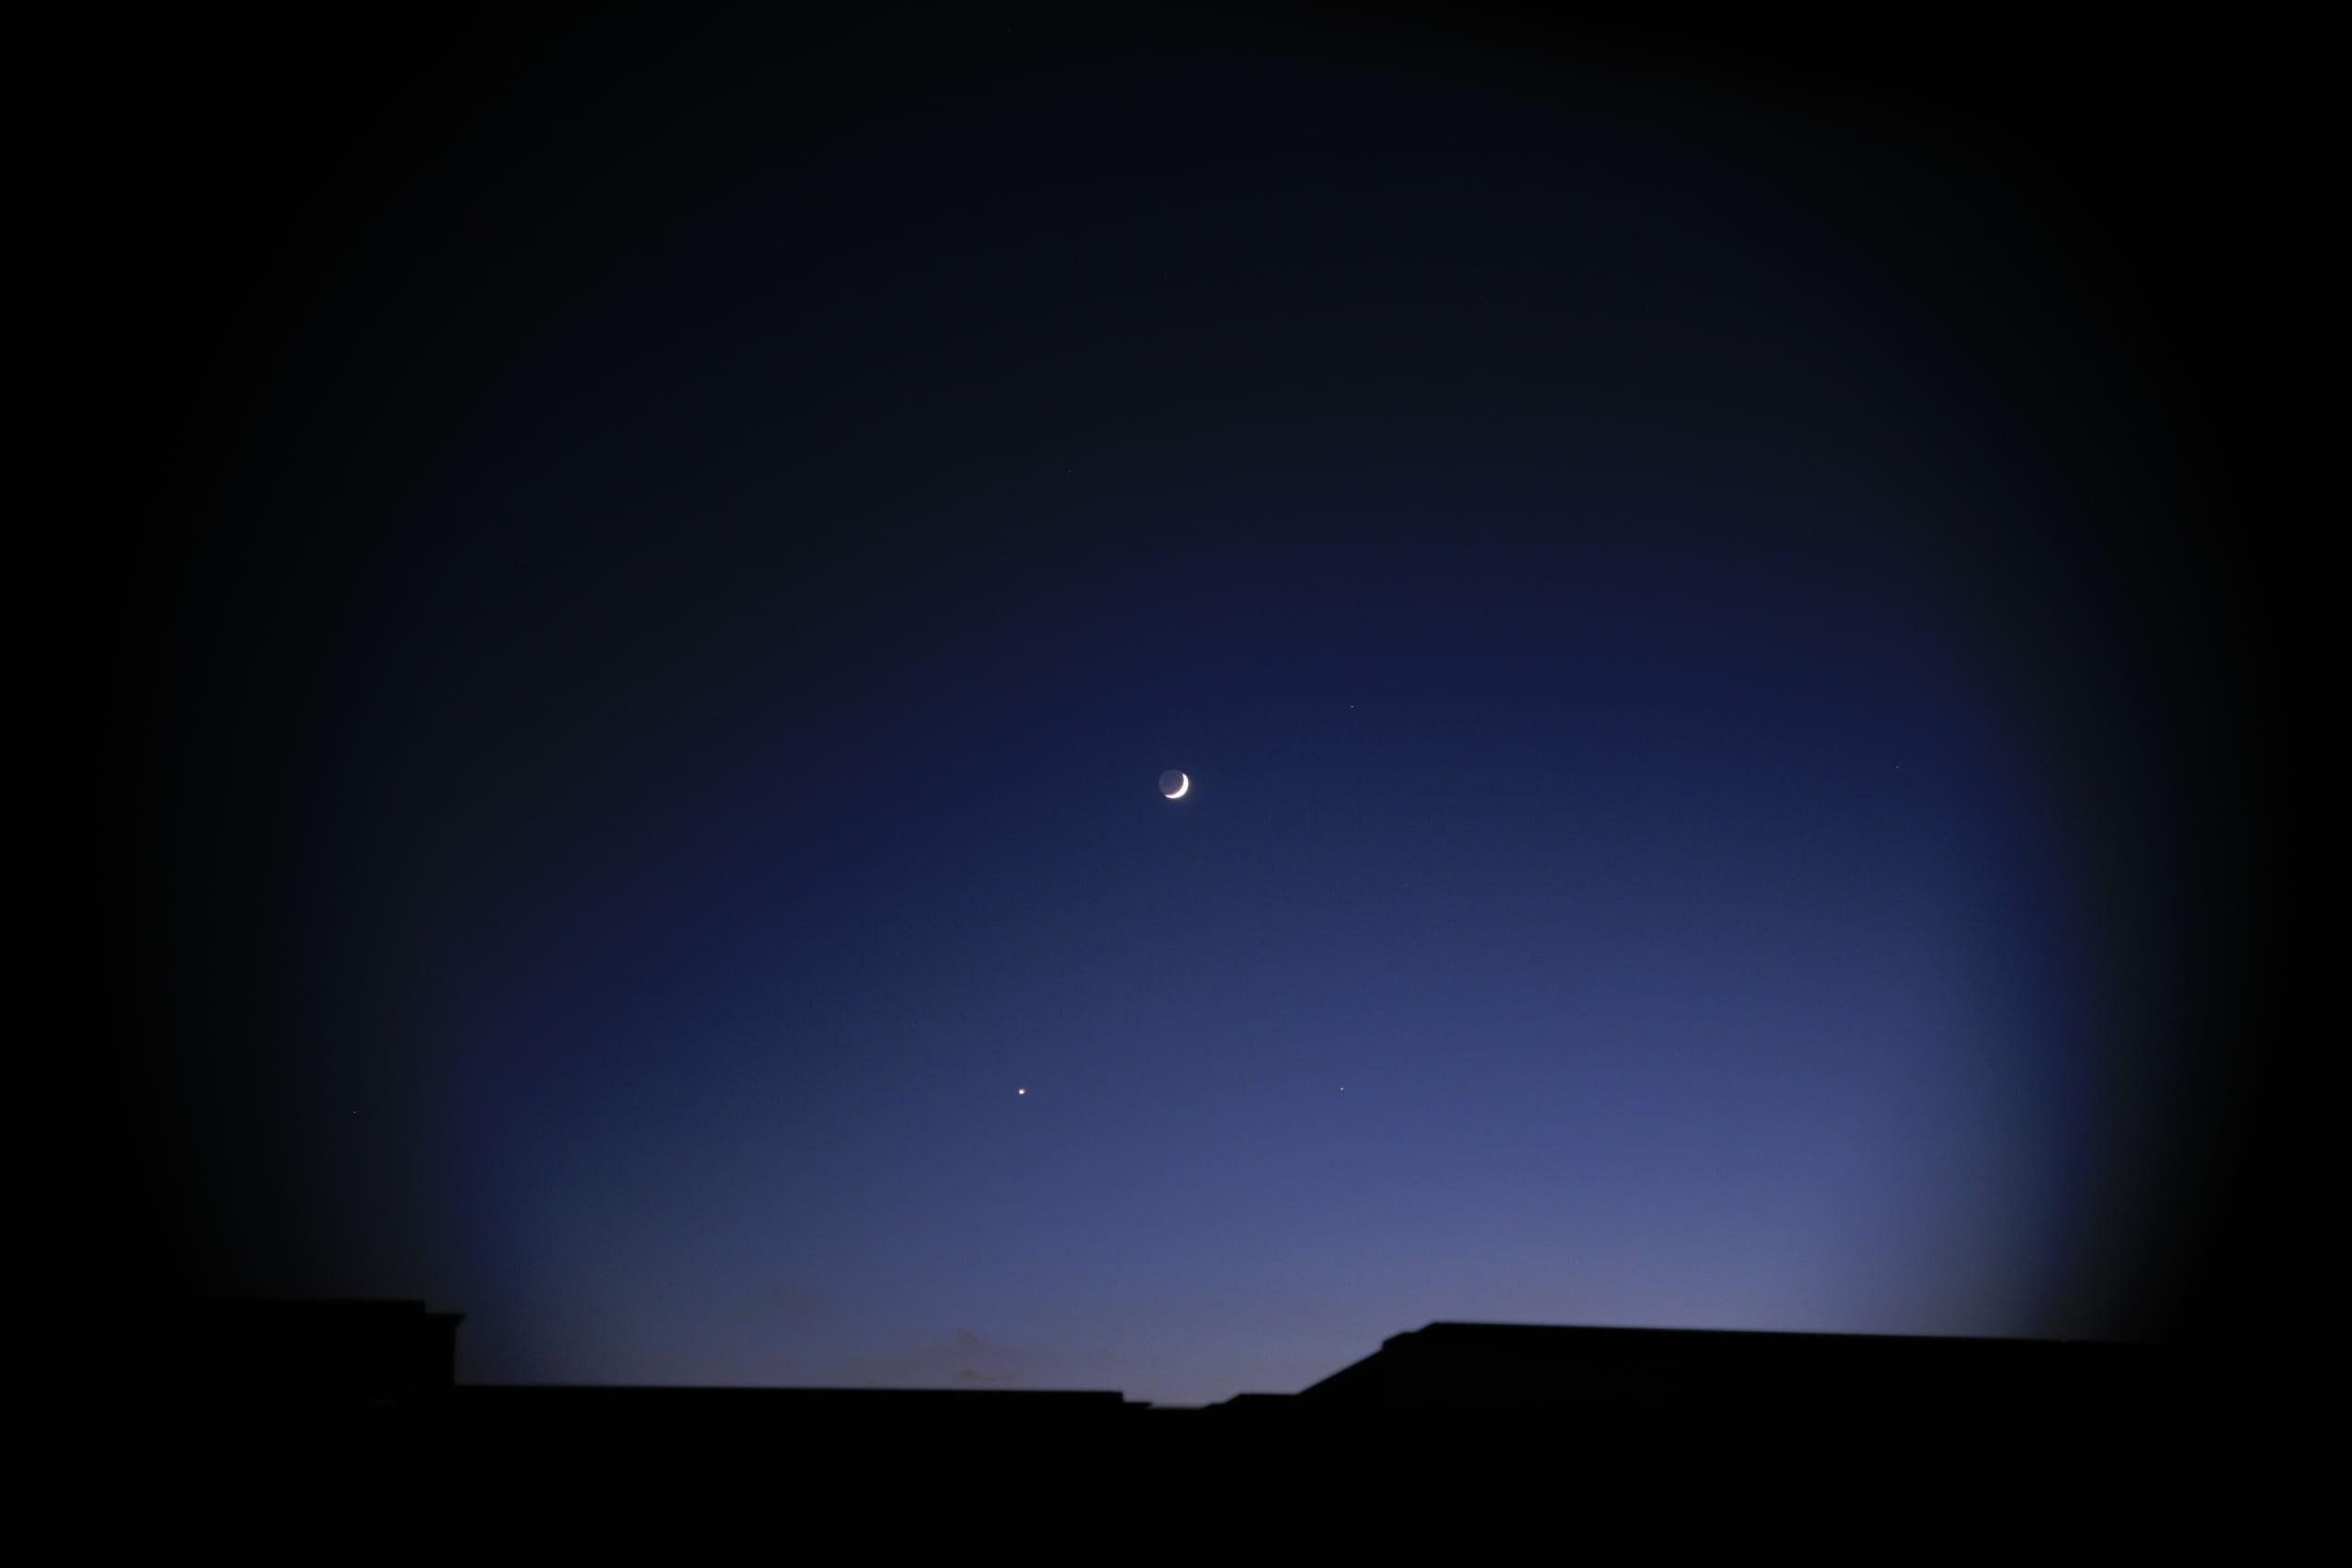 ローカリズムと月